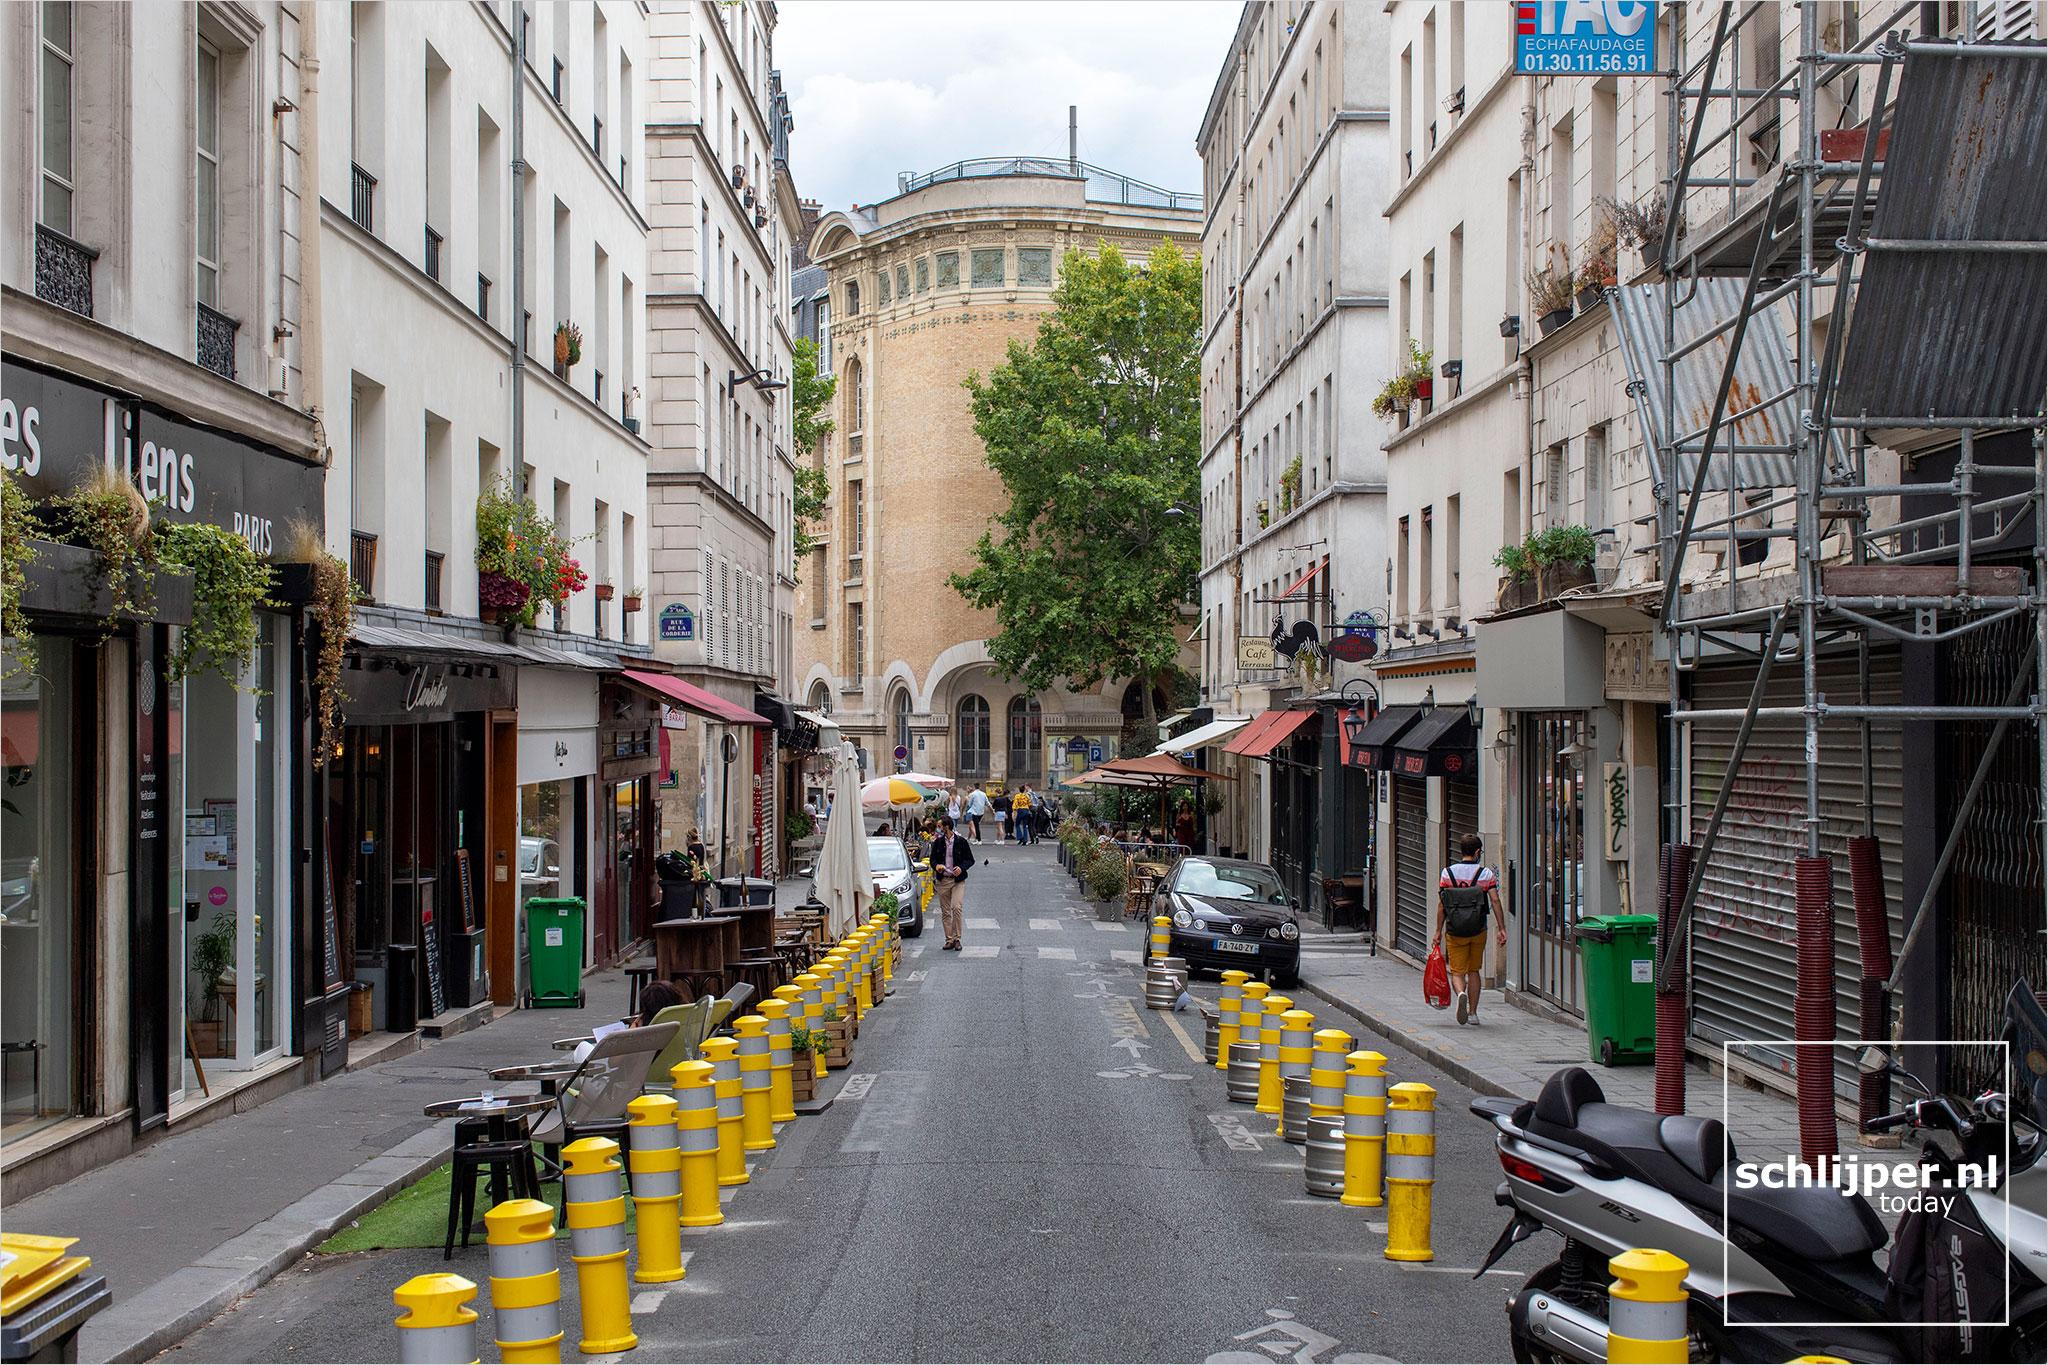 Frankrijk, Parijs, 15 juli 2020